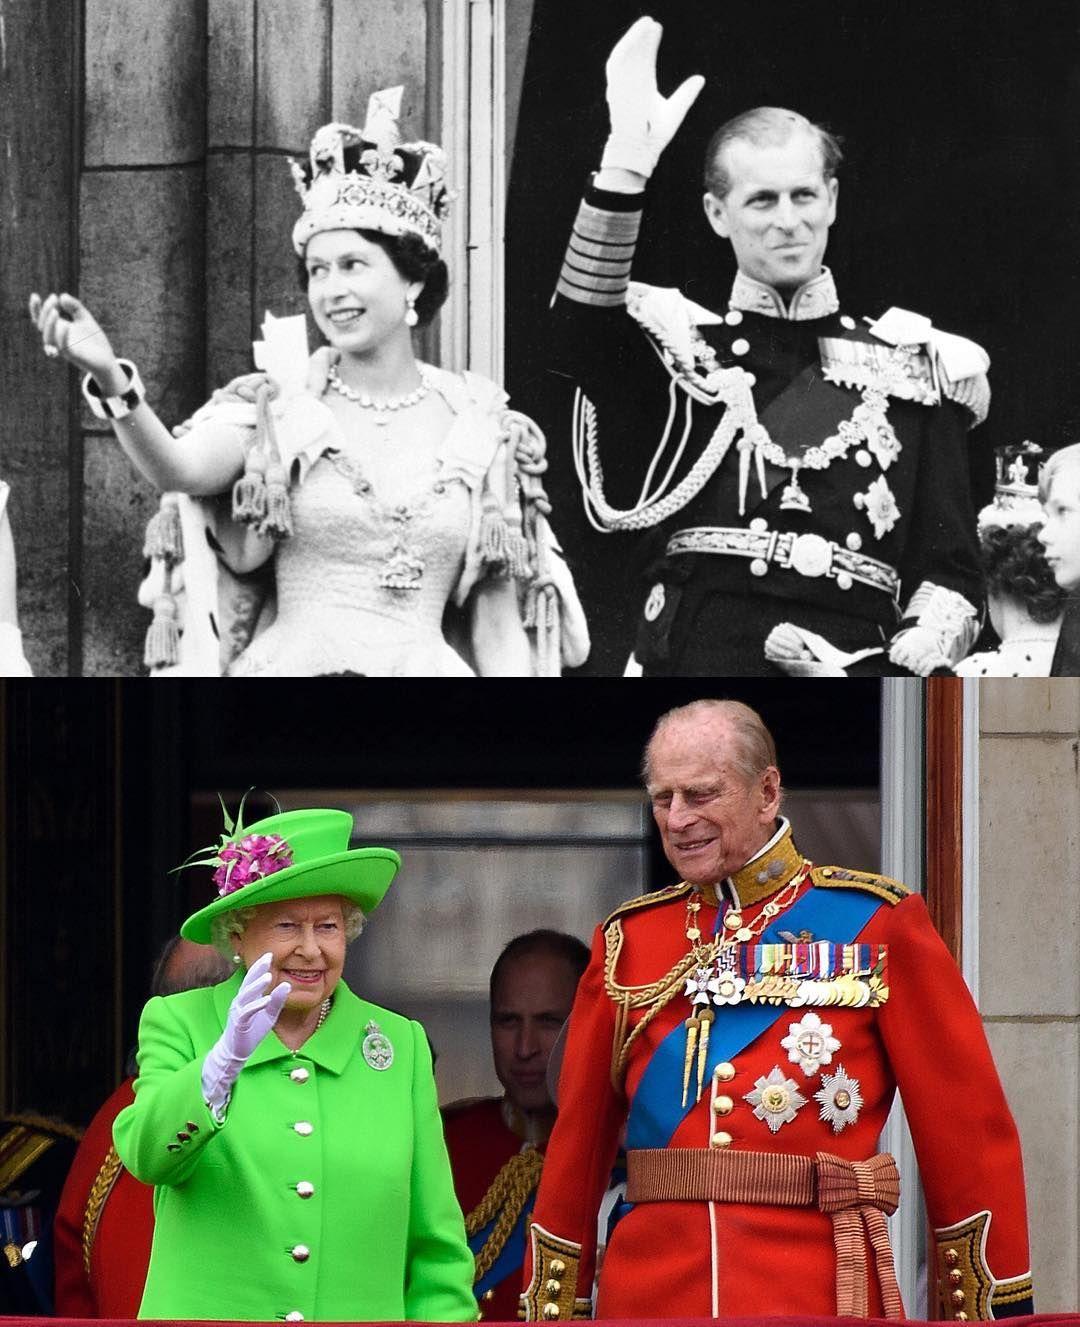 Prince Philip, husband of Britain's Queen Elizabeth II